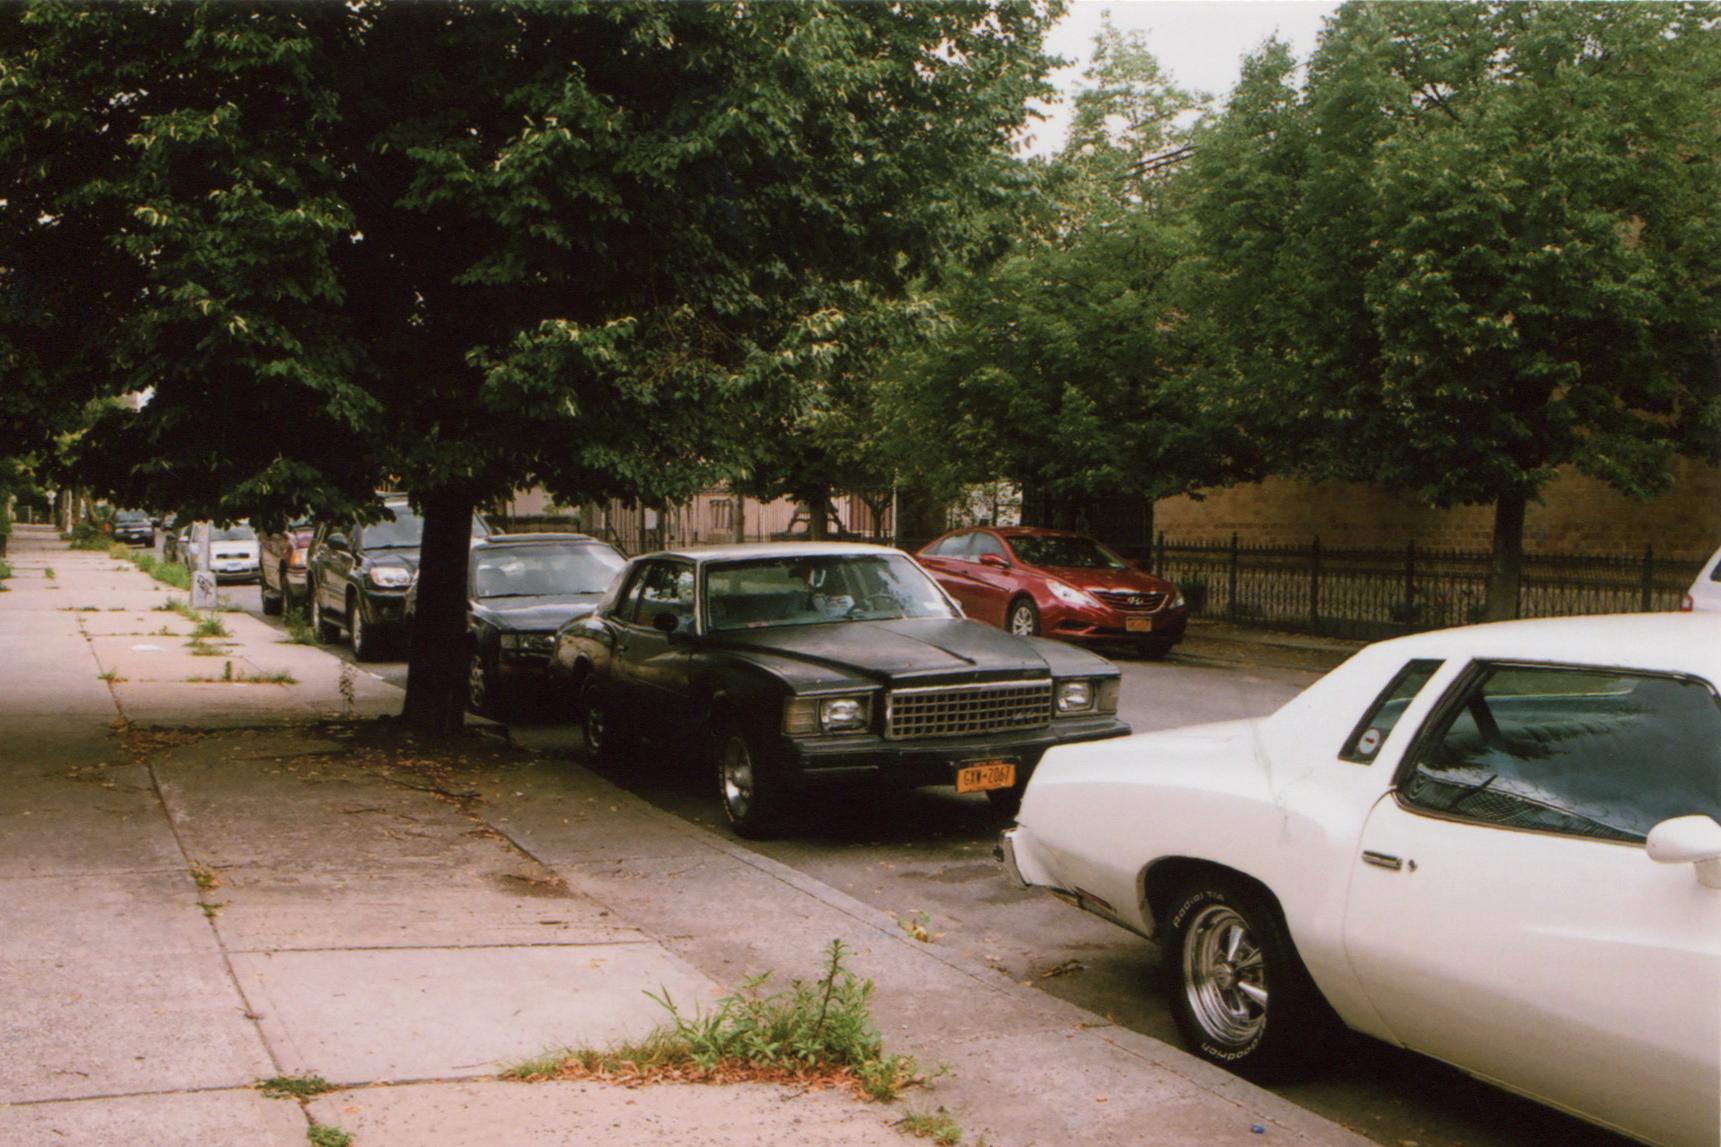 bushwick cars-emily ramon.jpg